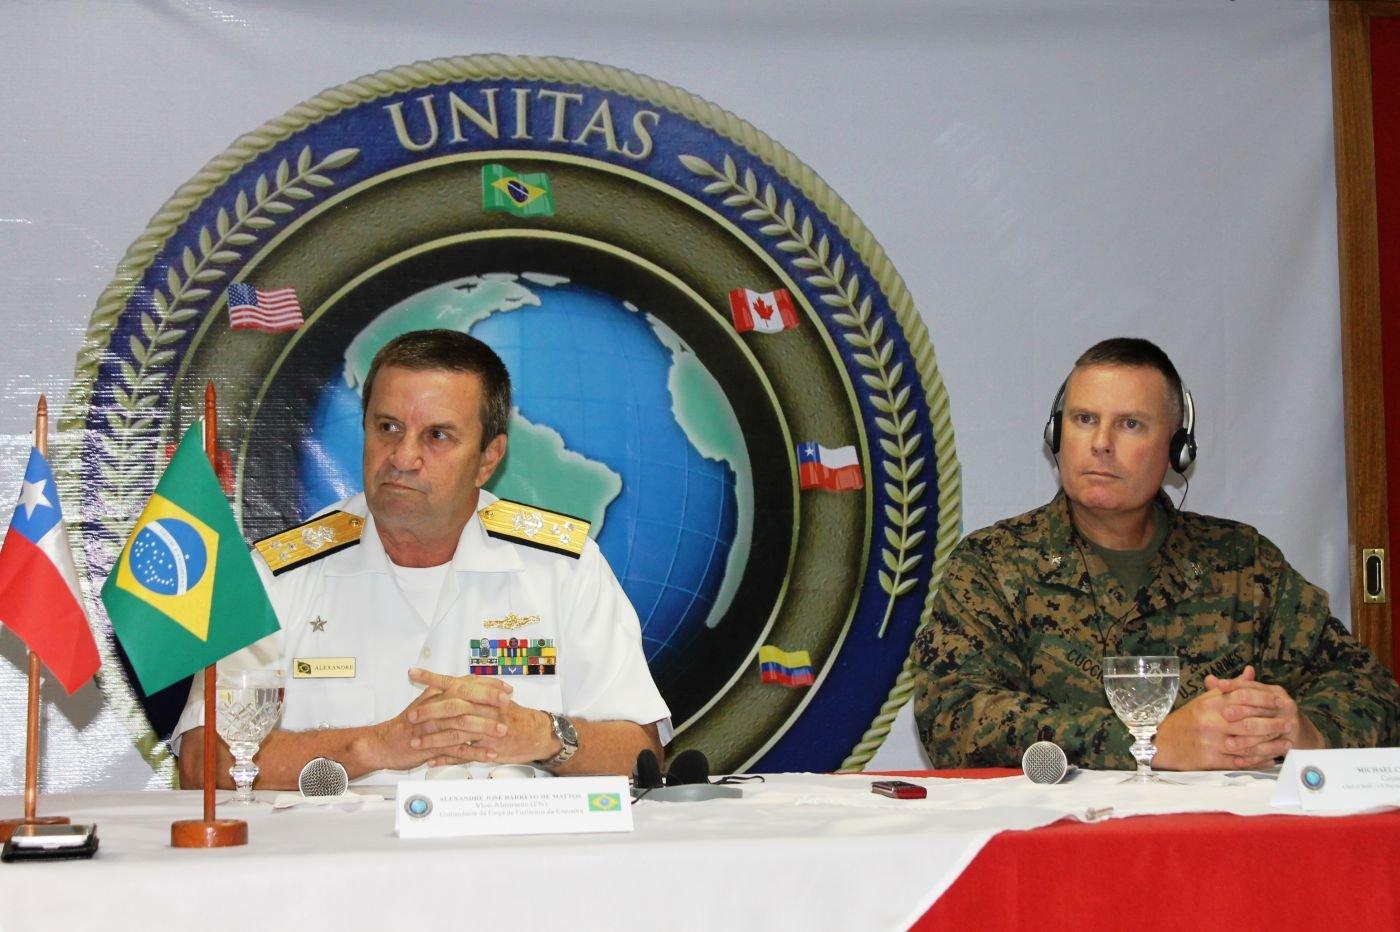 Brazil Hosts Unitas Amphibious